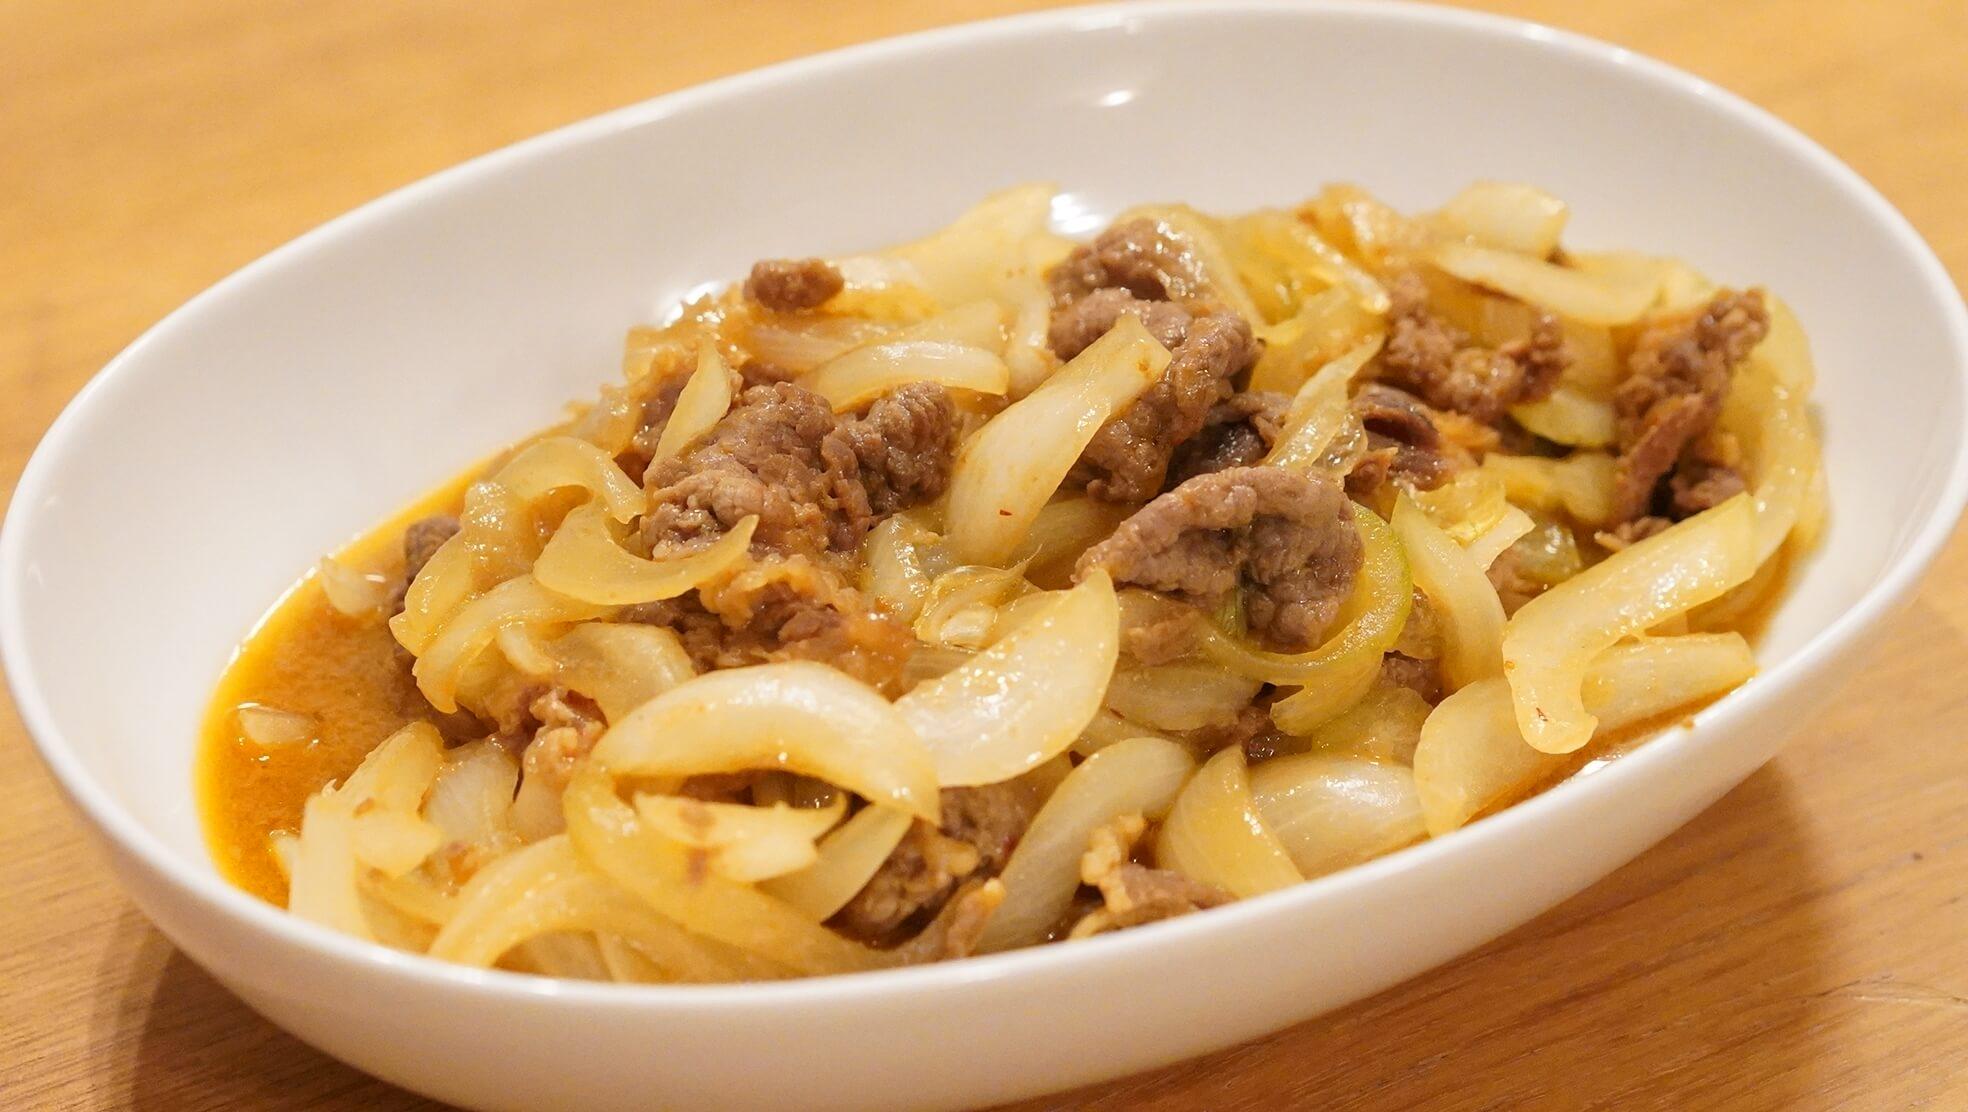 青森のB級グルメ「十和田バラ焼き」の冷凍食品の中身の写真